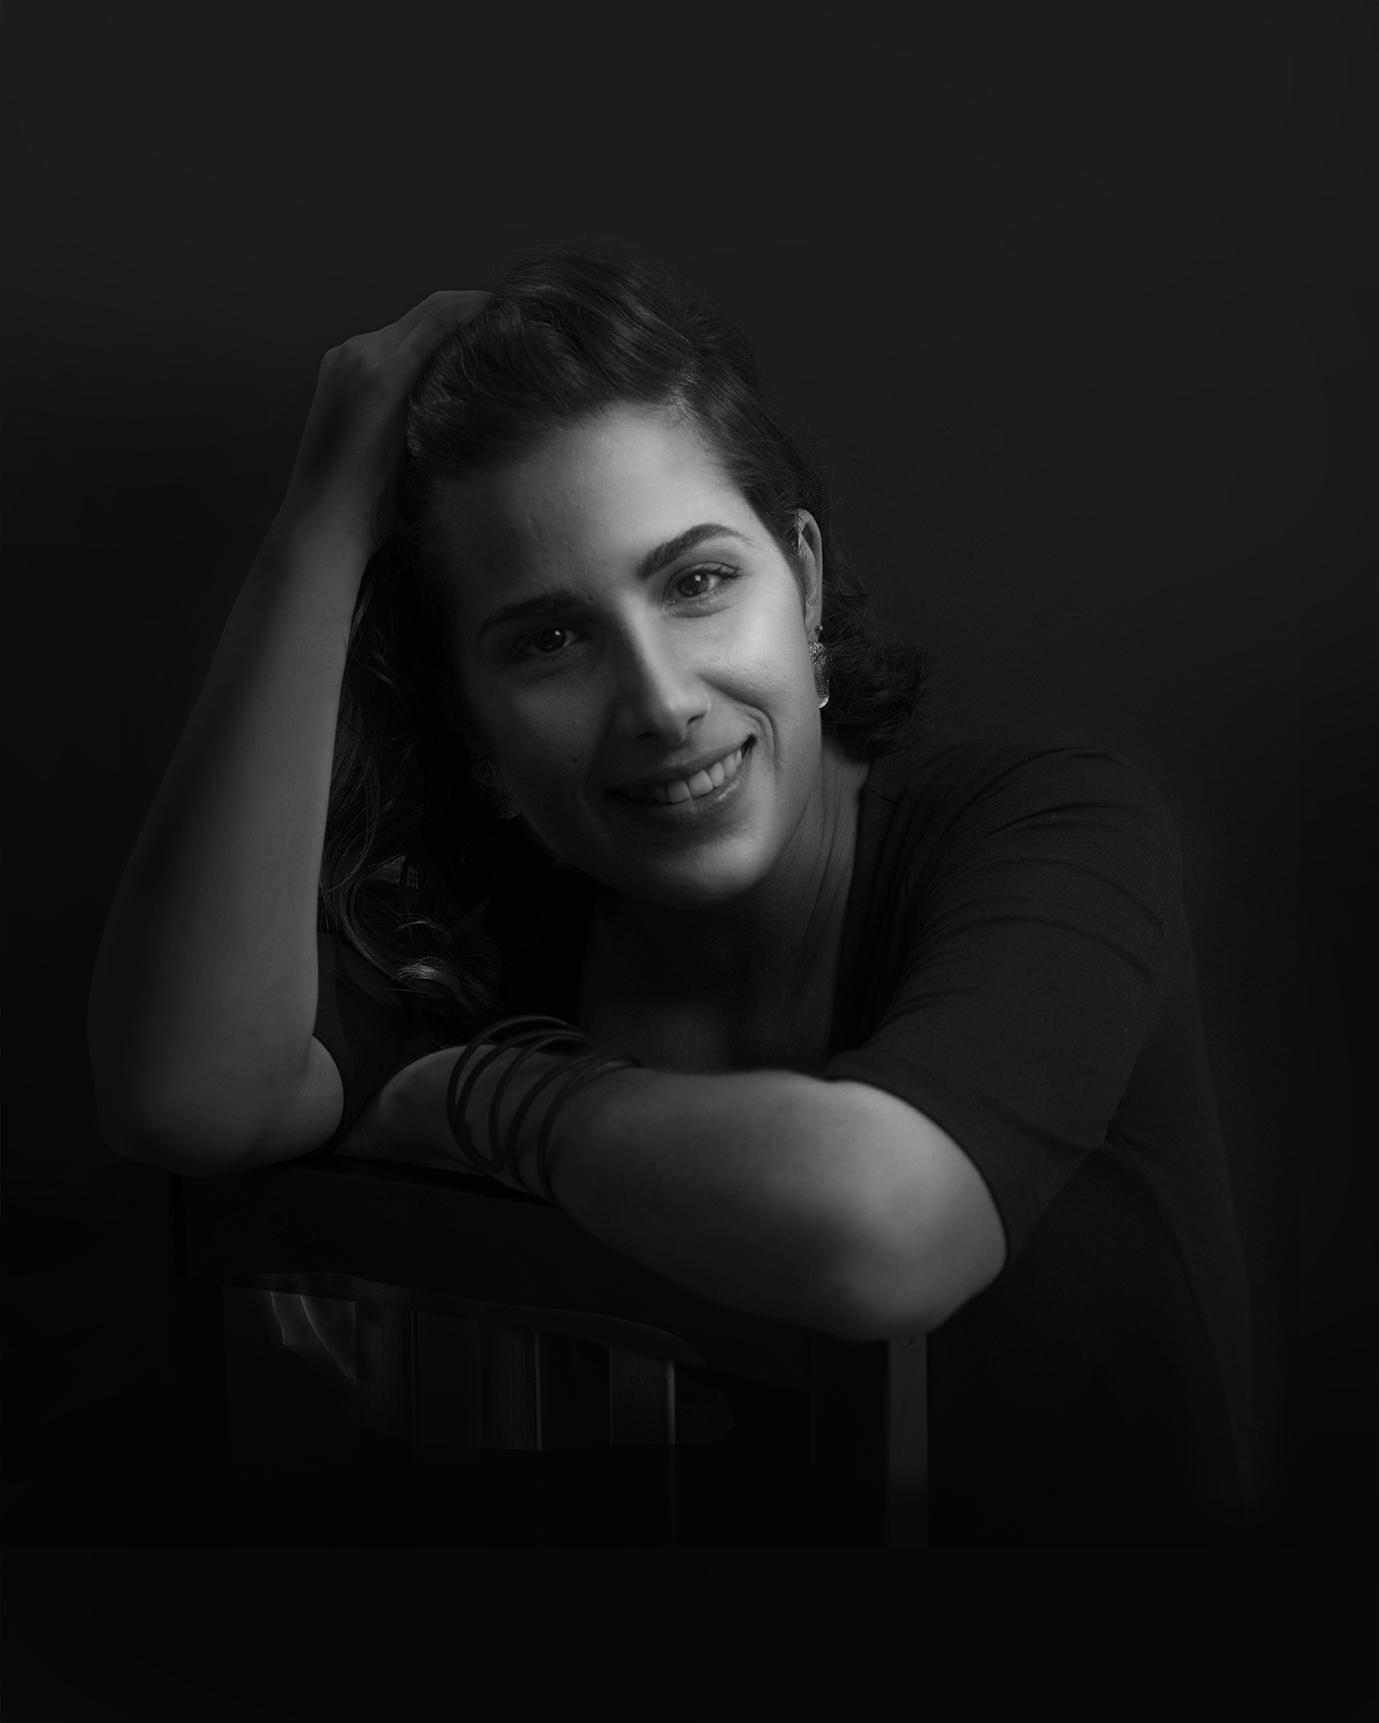 Giselle Vitali, ilustradora editorial, ilustradora científica, autora de libros conceptuales de poesía, artista apasionada por la anatomía y el concepto.